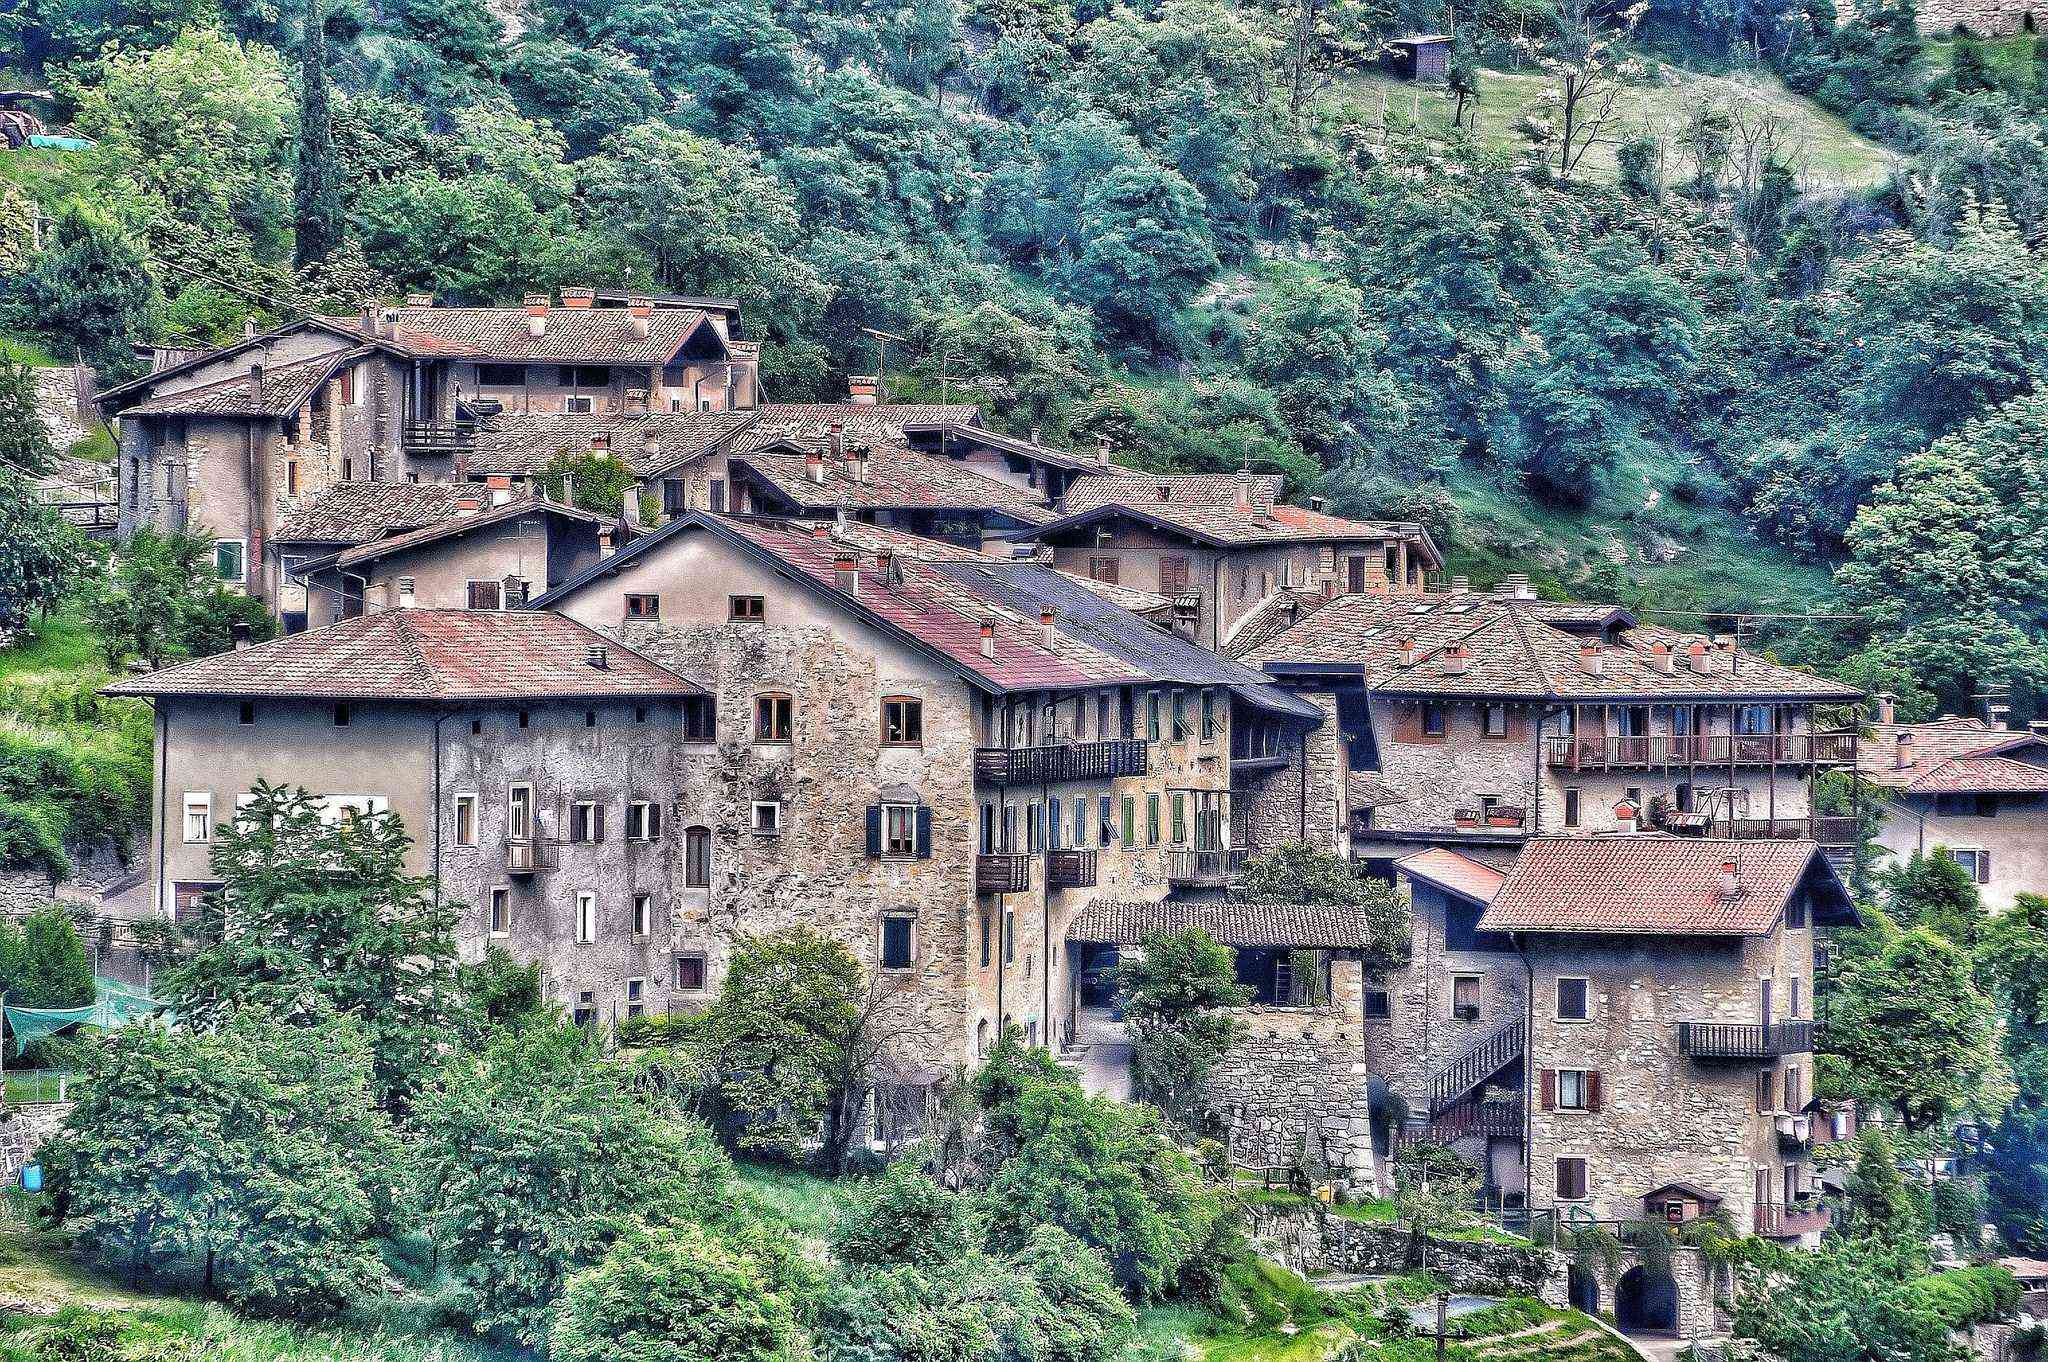 Canale di Tenno borgo medivale Garda borghi piu belli italia włochy trentino